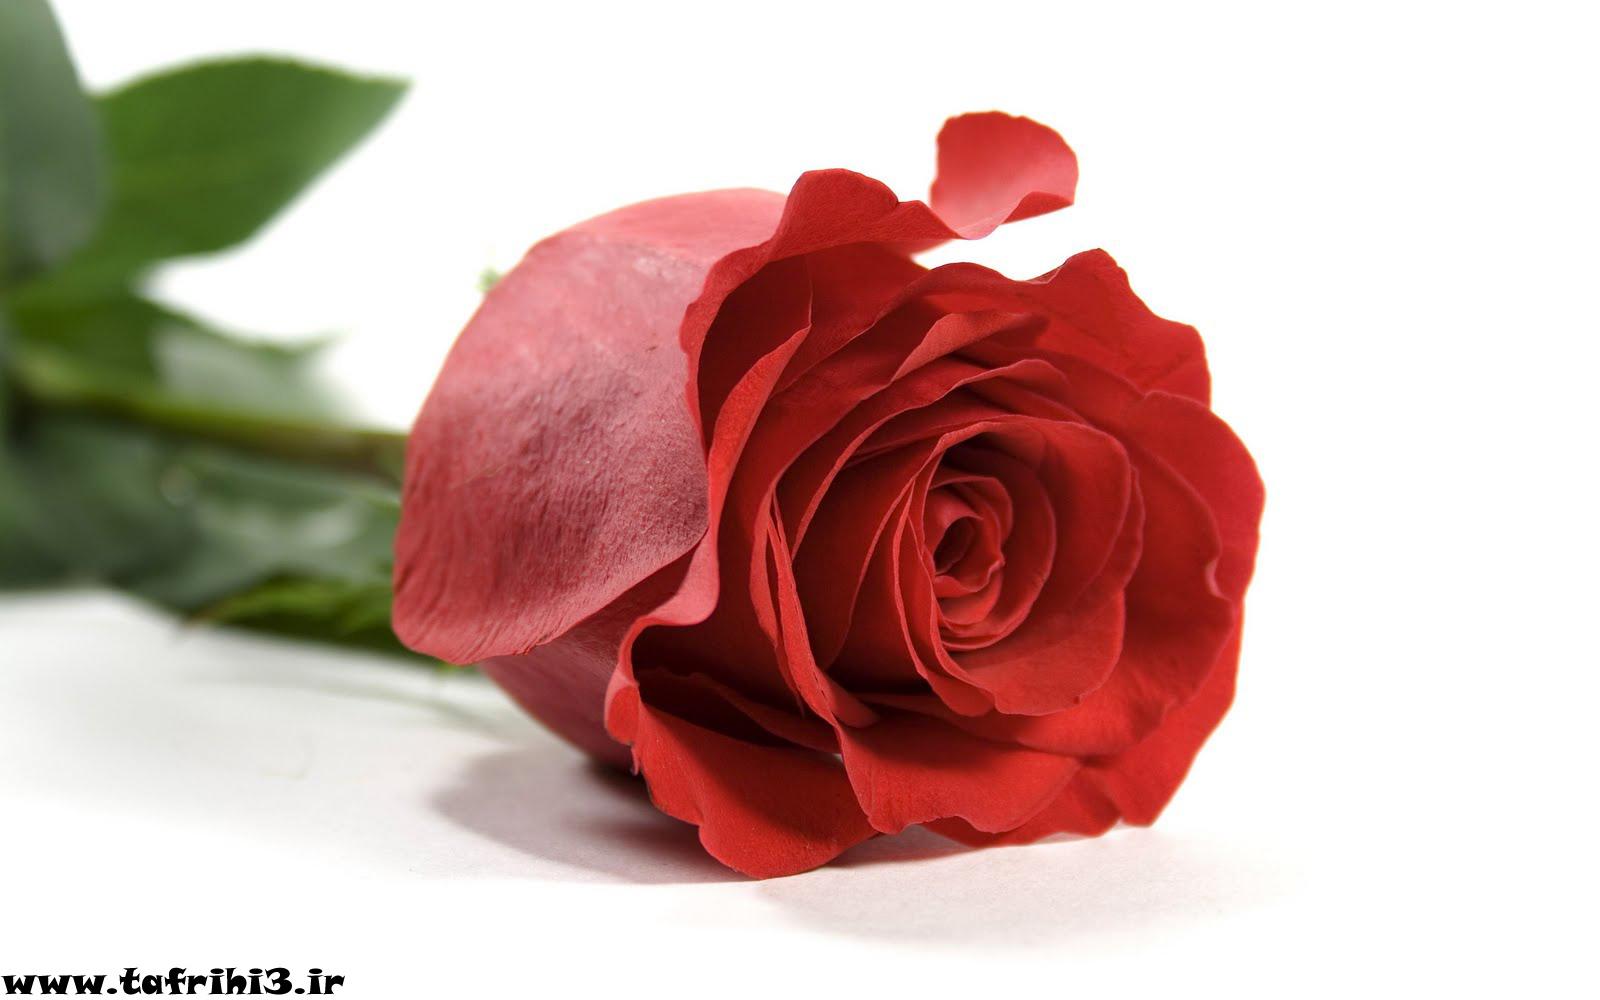 عکس های بسیار زیبا از گل رز قرمز